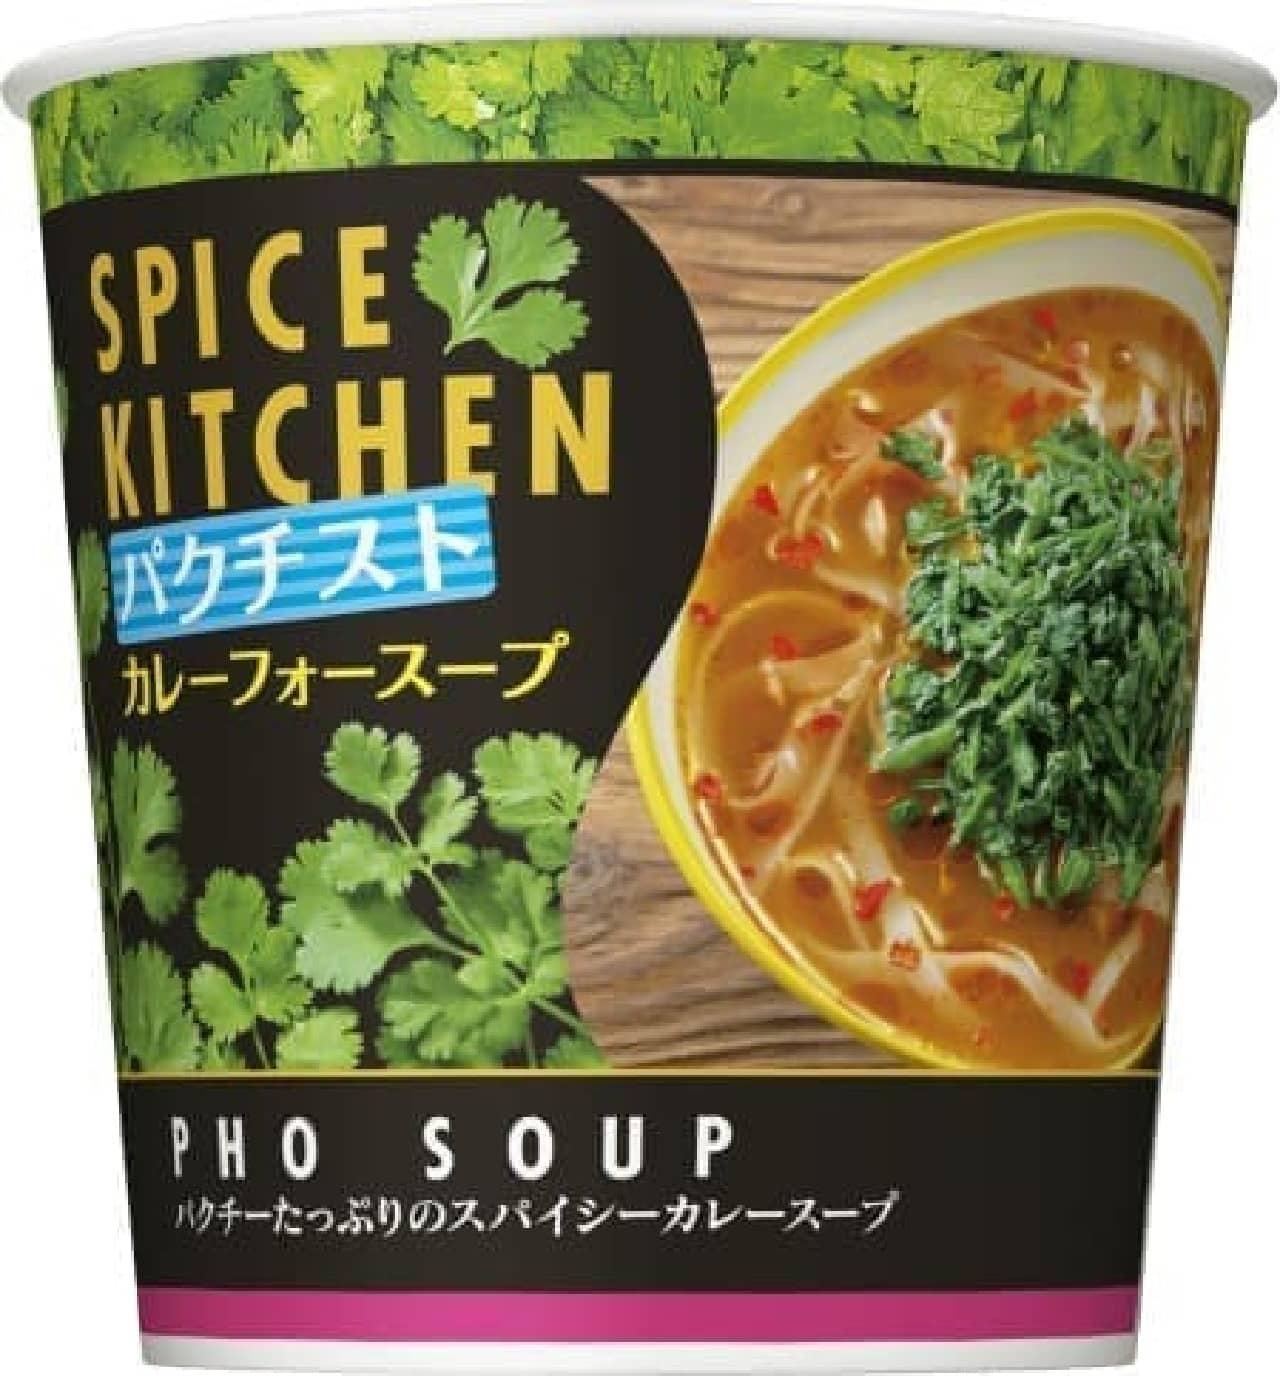 日清食品「スパイスキッチン パクチスト カレーフォースープ」